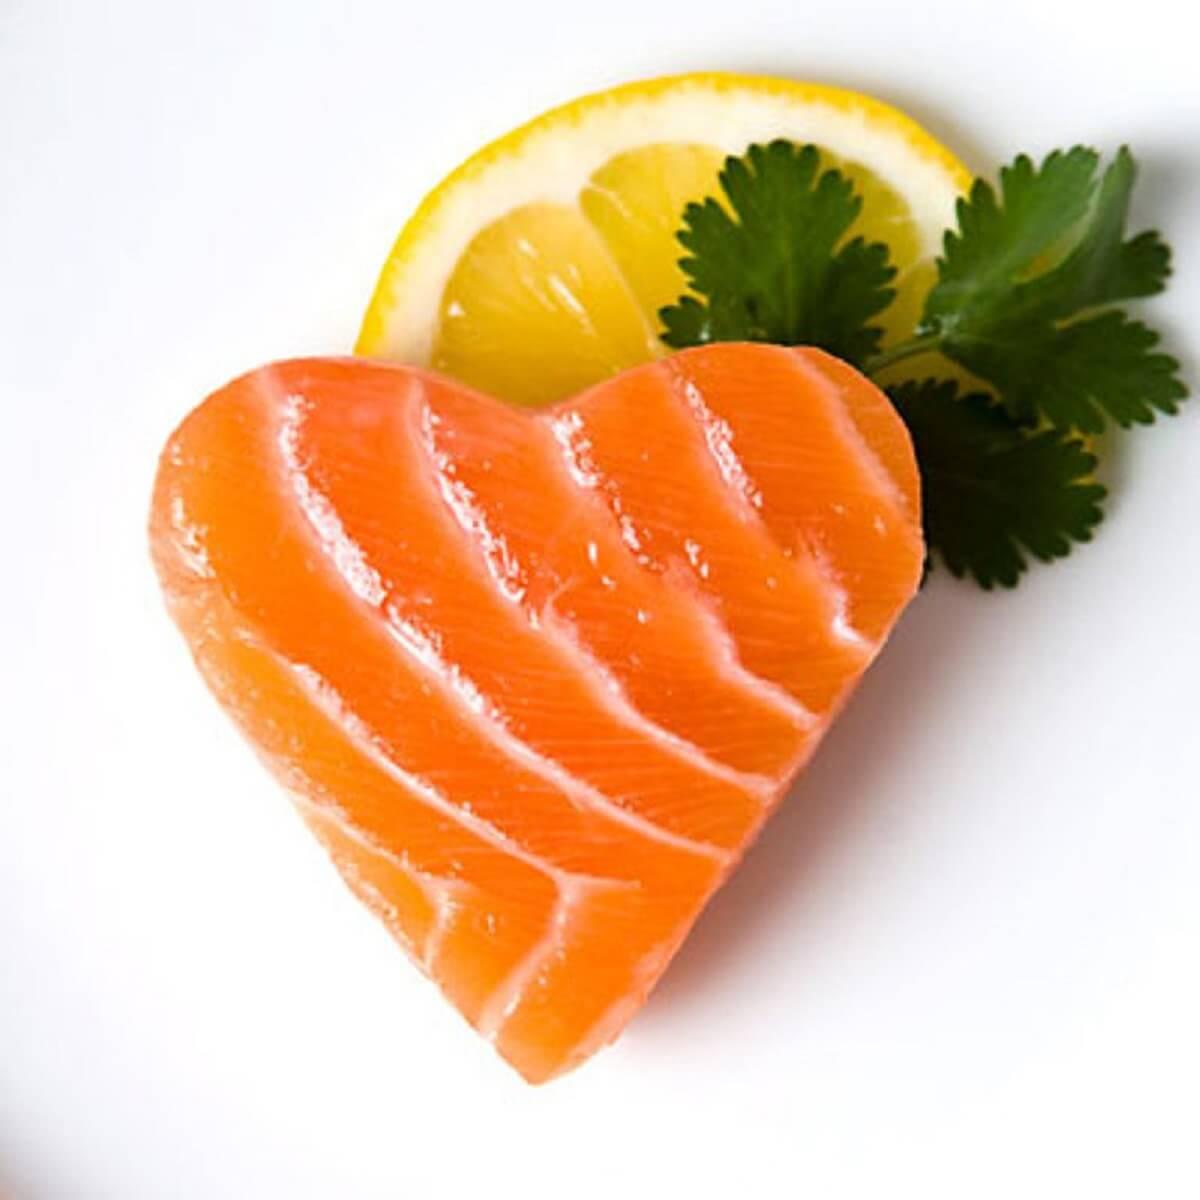 راز سلامتی قلب در مصرف ماهی جنوب